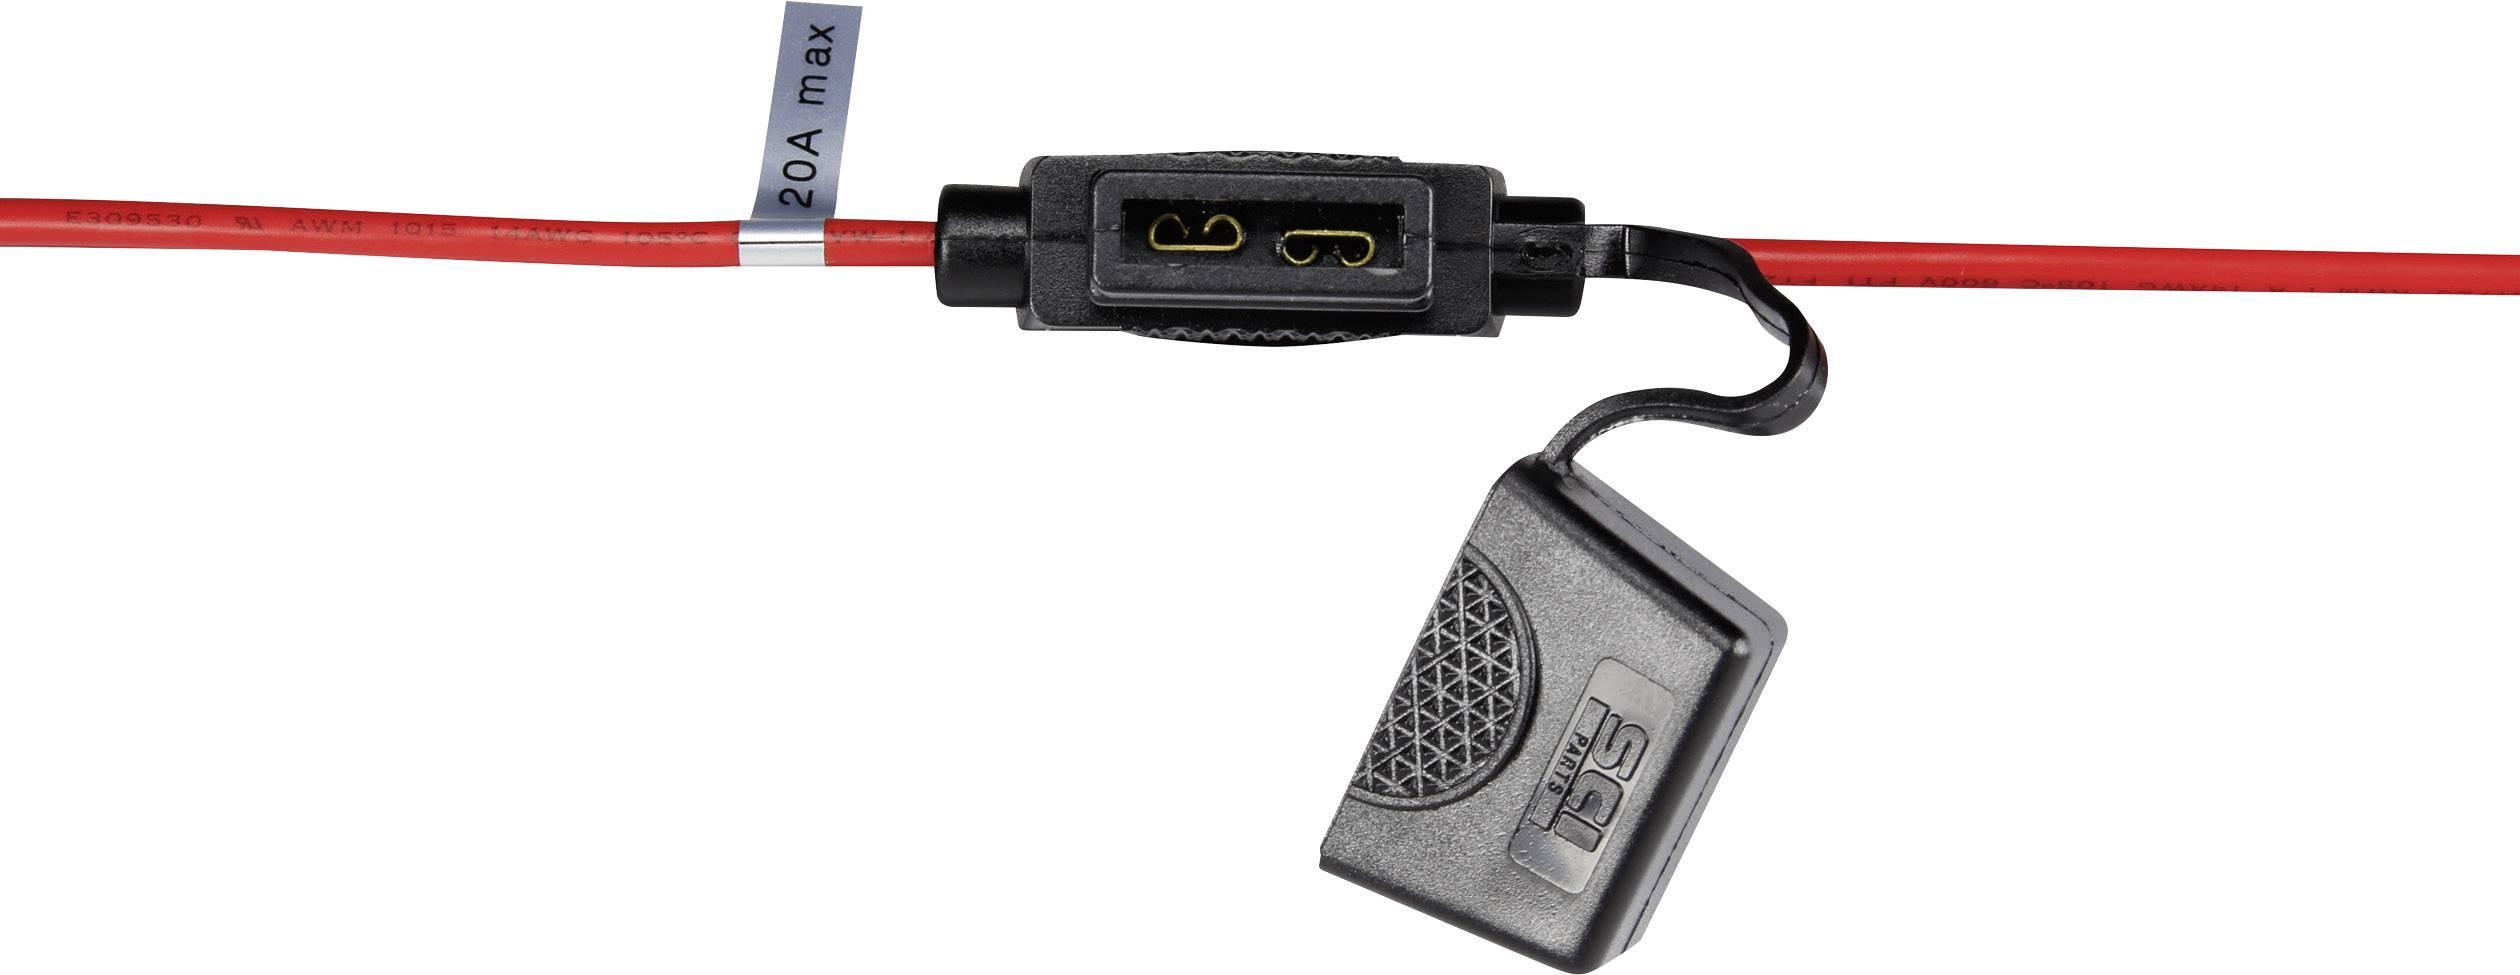 Držák na ploché pojistky Průřez kabelu 2 mm² Pojistka=Standardní ploché pojistky